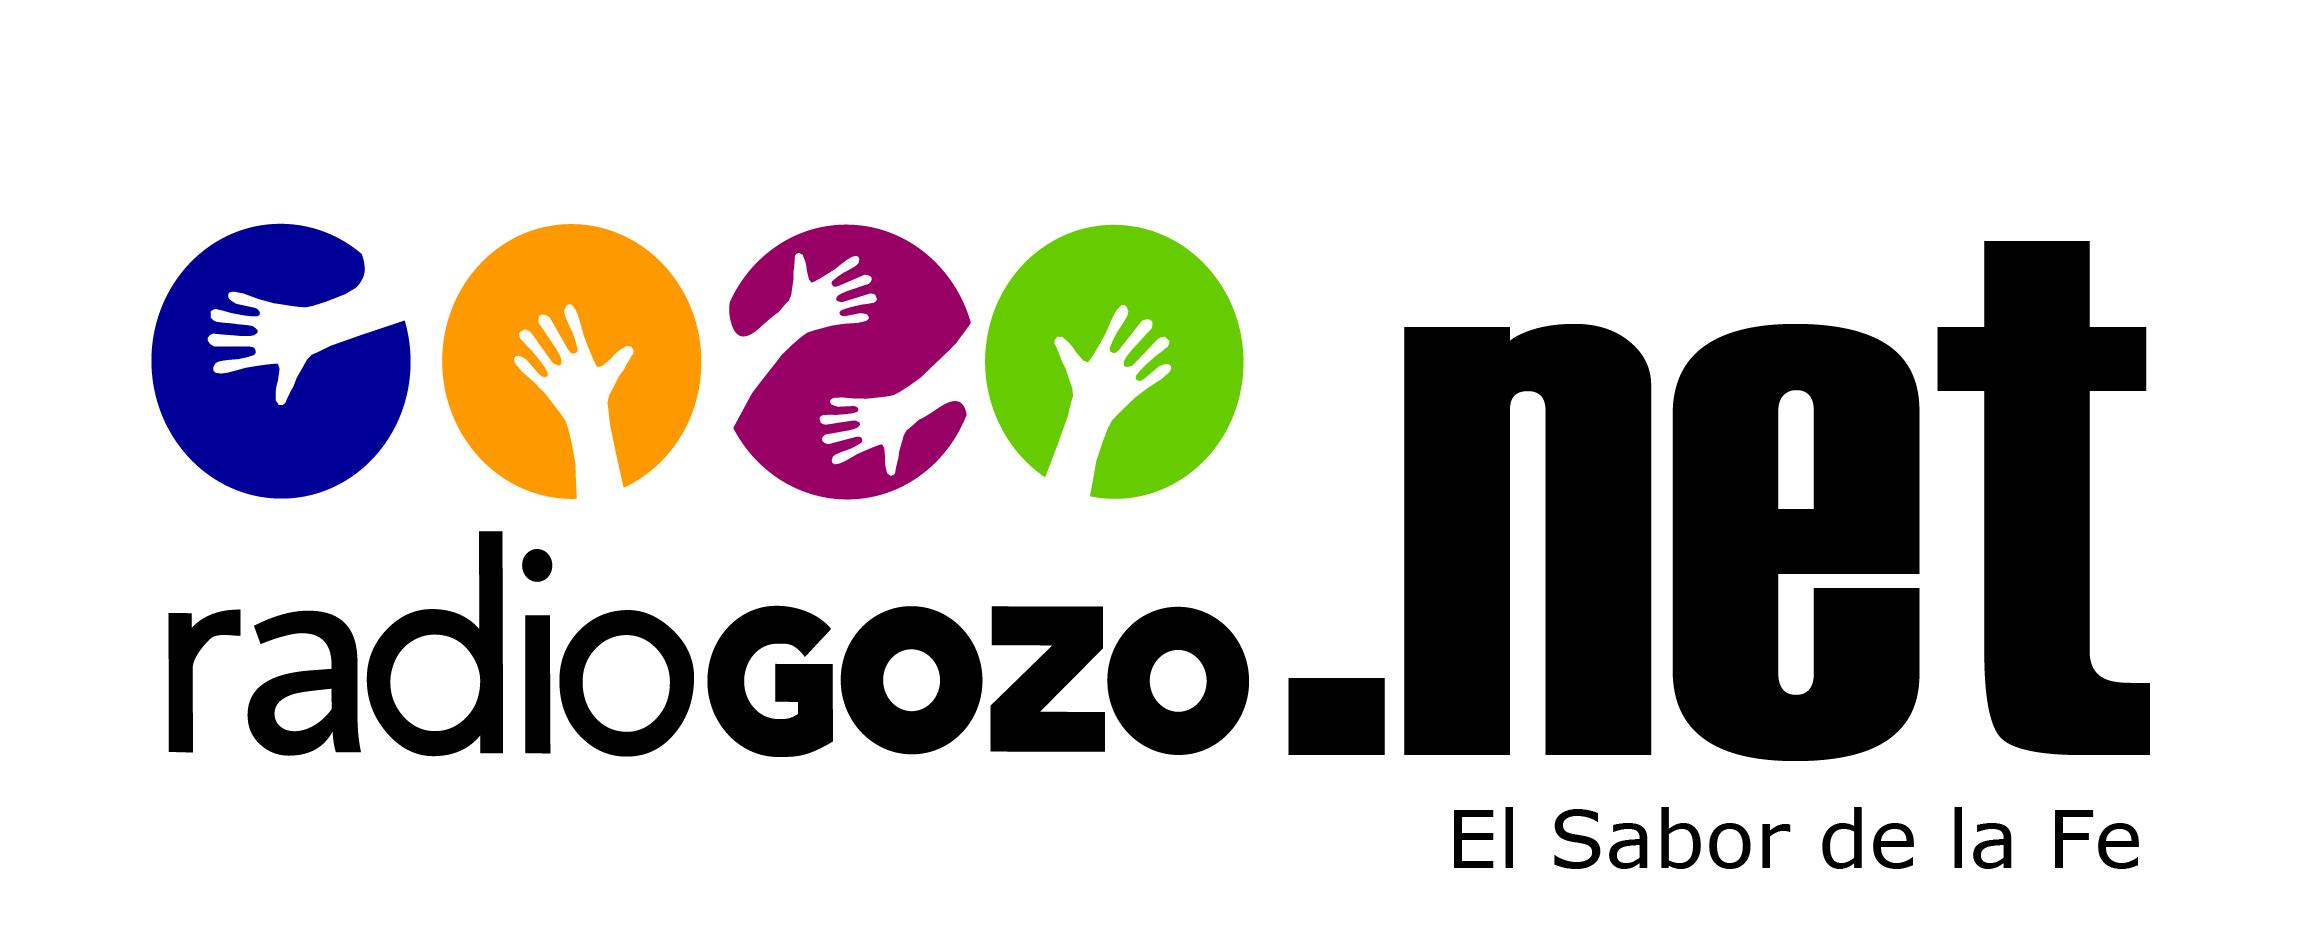 RadioGozo.net